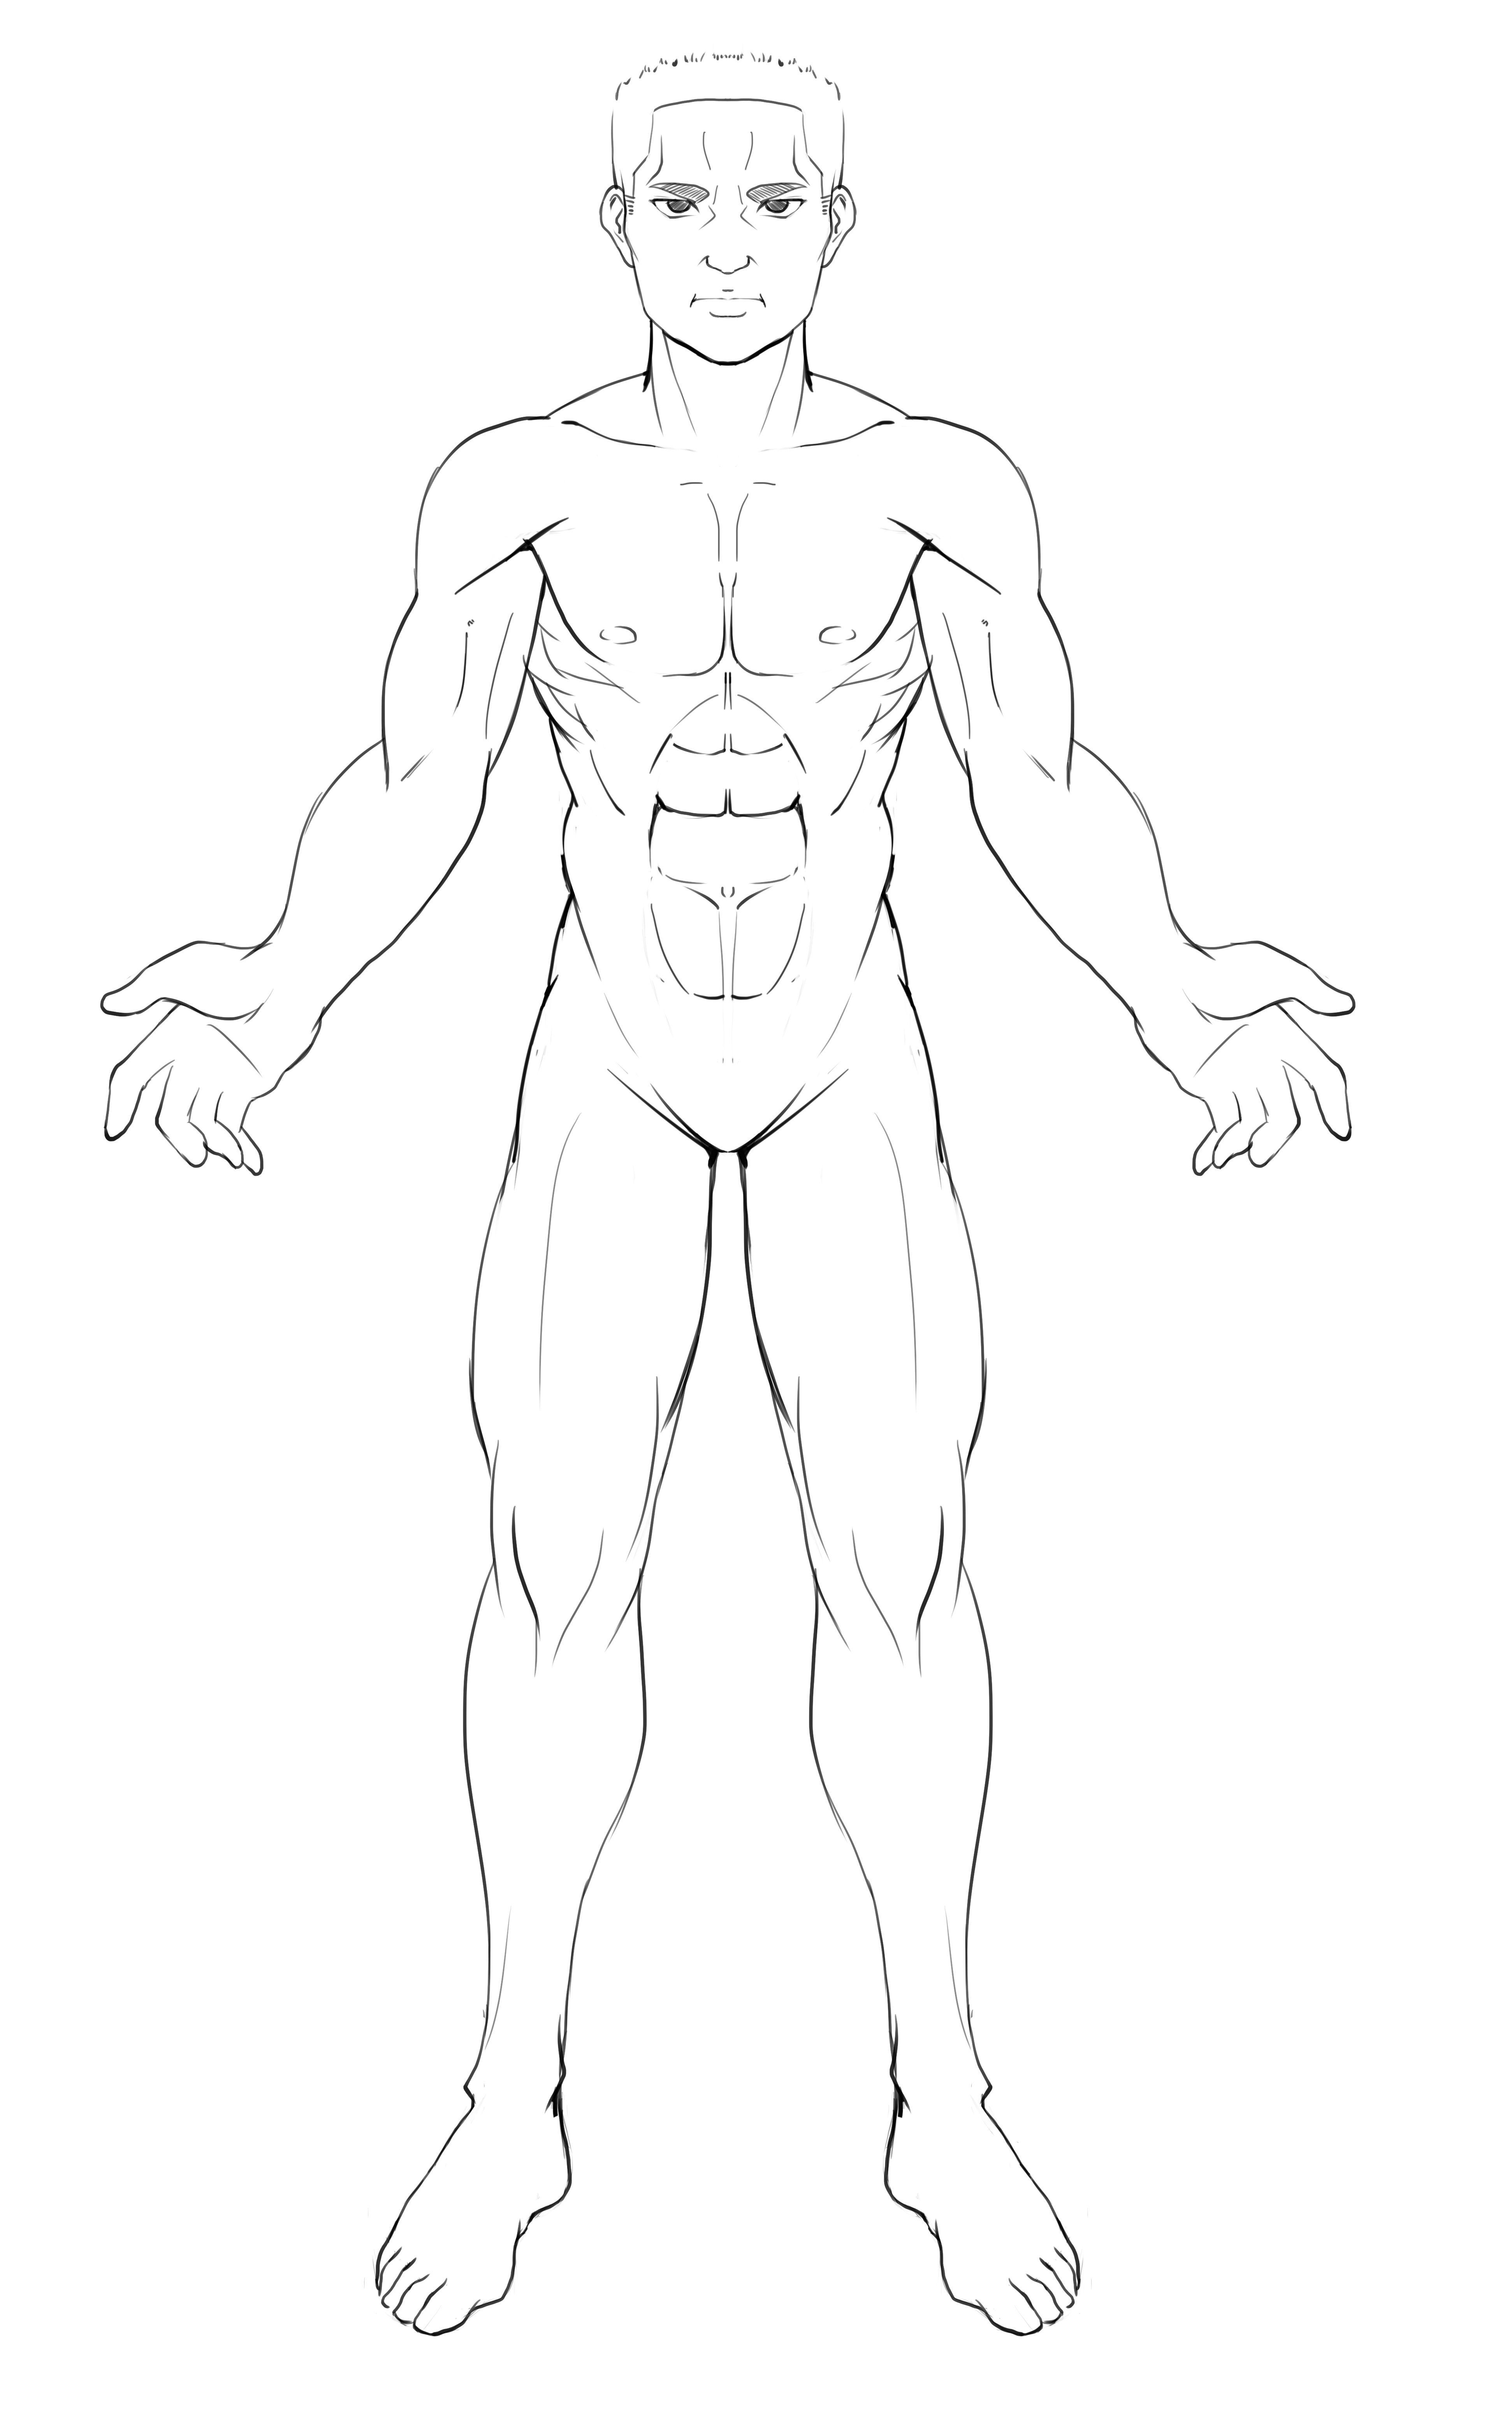 肌肉简笔画图片大全